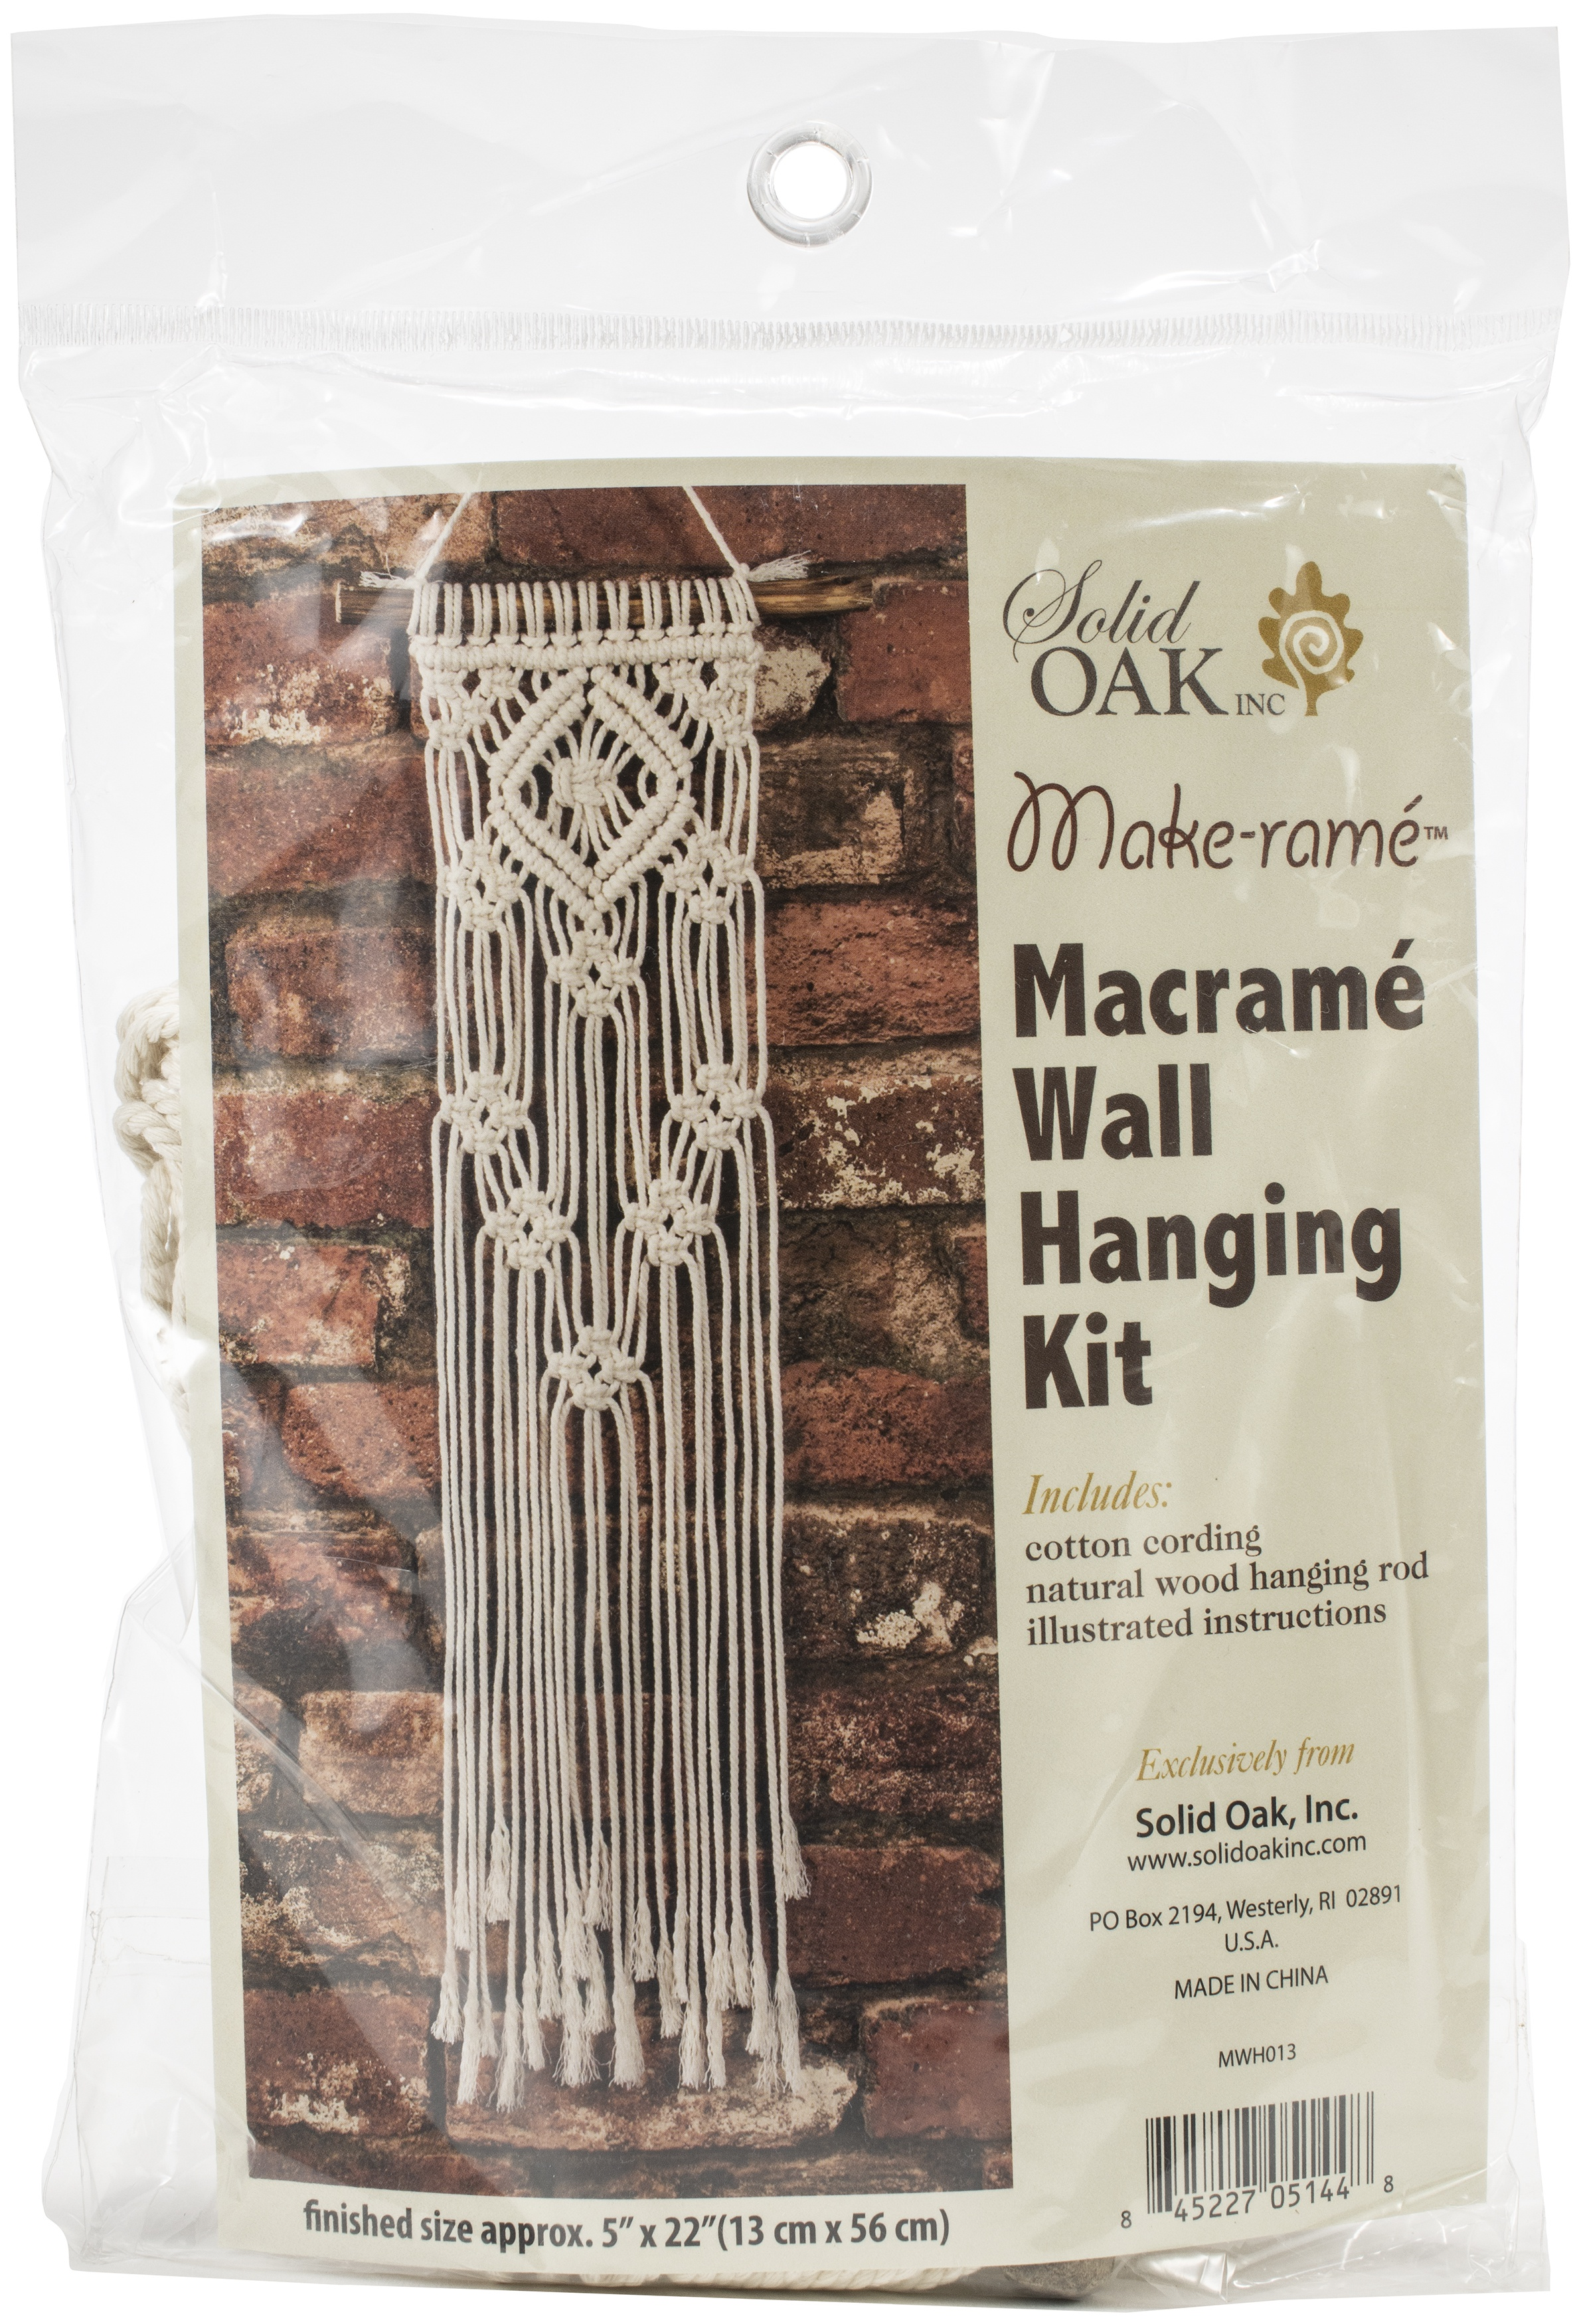 MACRAME WALL HANGING #013